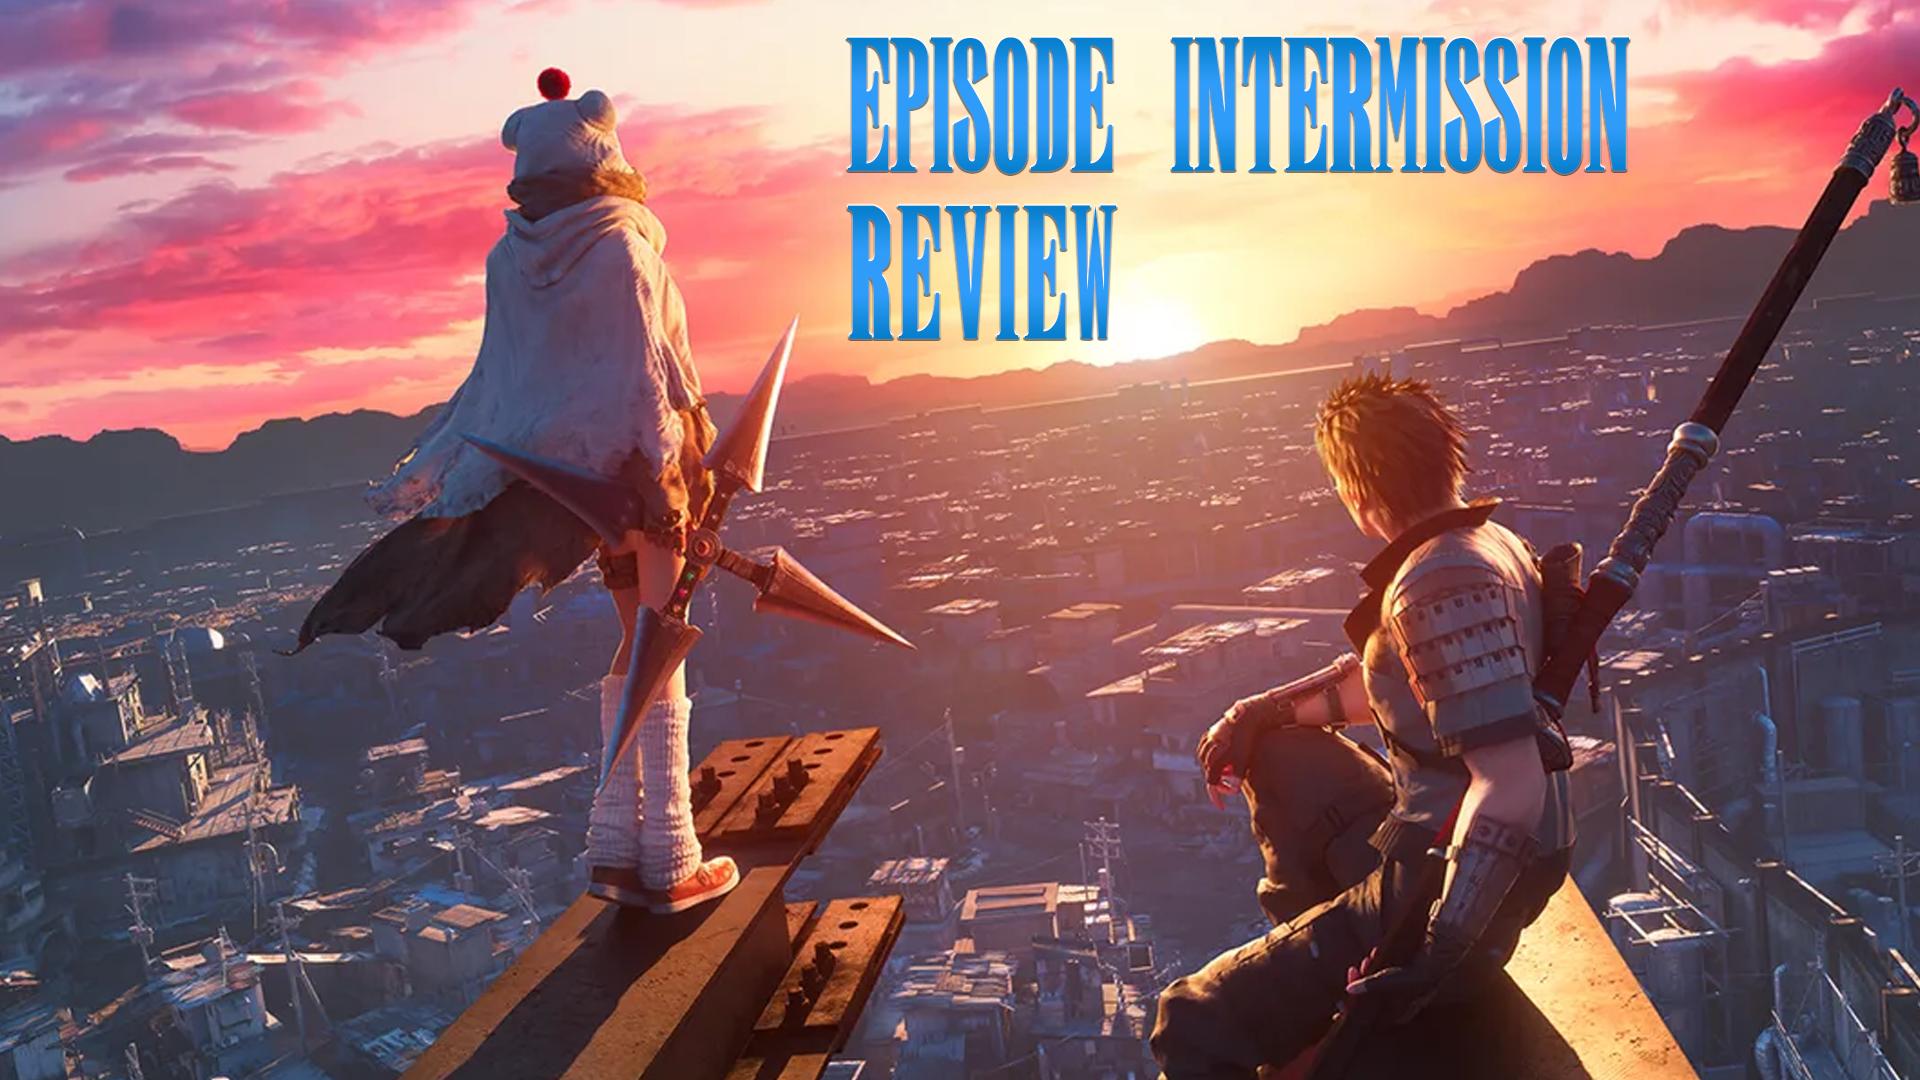 Final Fantasy 7 Remake Intergrade Episode Intermission